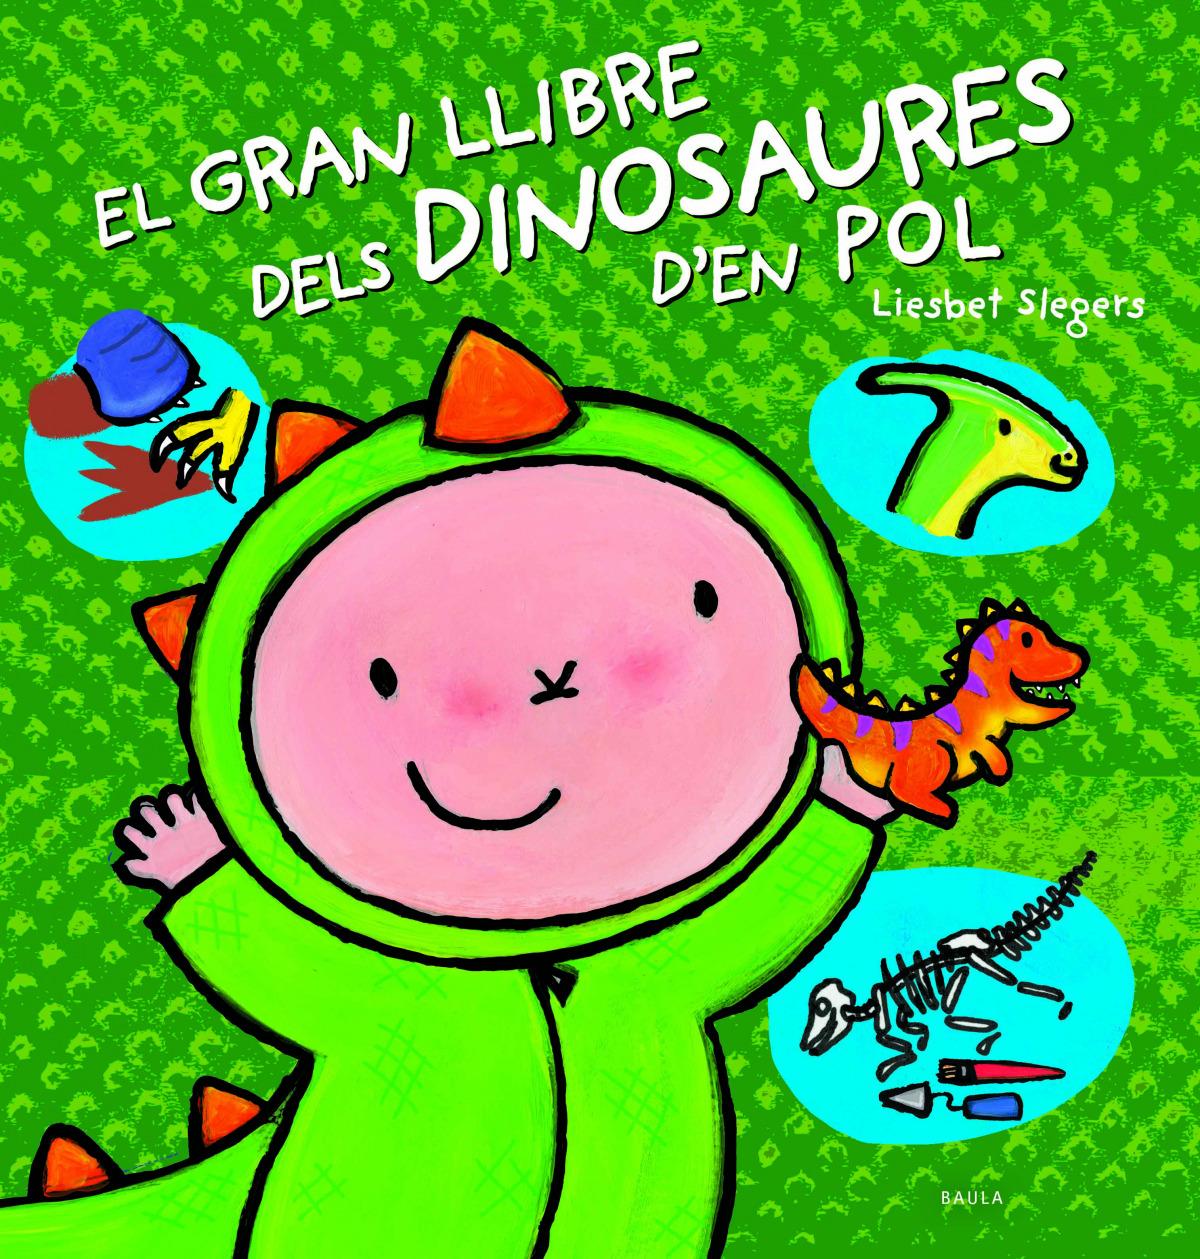 El gran llibre dels dinosaures d'en Pol